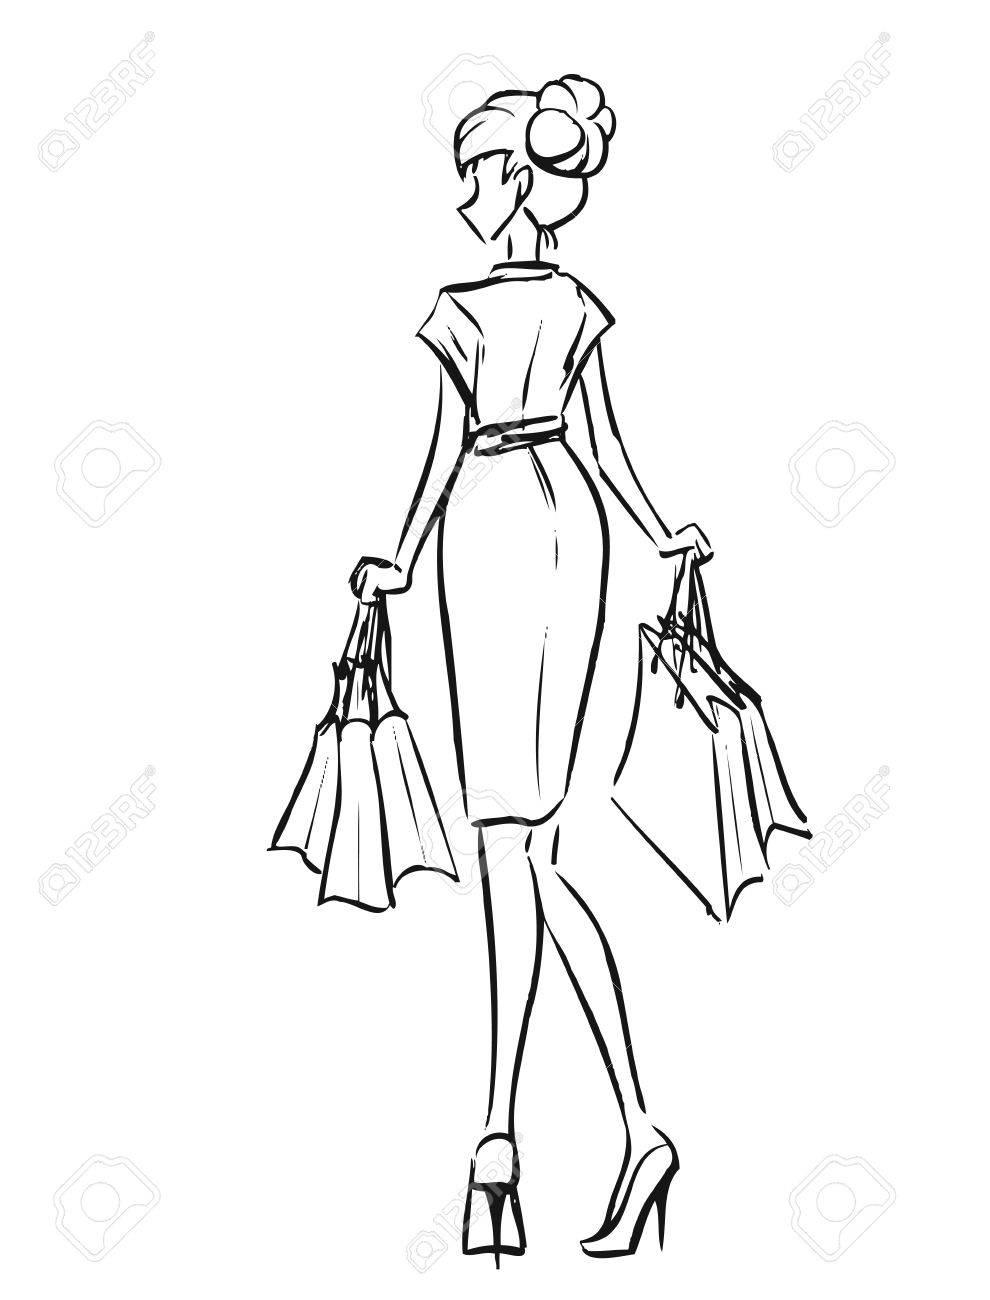 Jeune Femme Mince En Robe Courte Apres Le Shopping Fille Detient